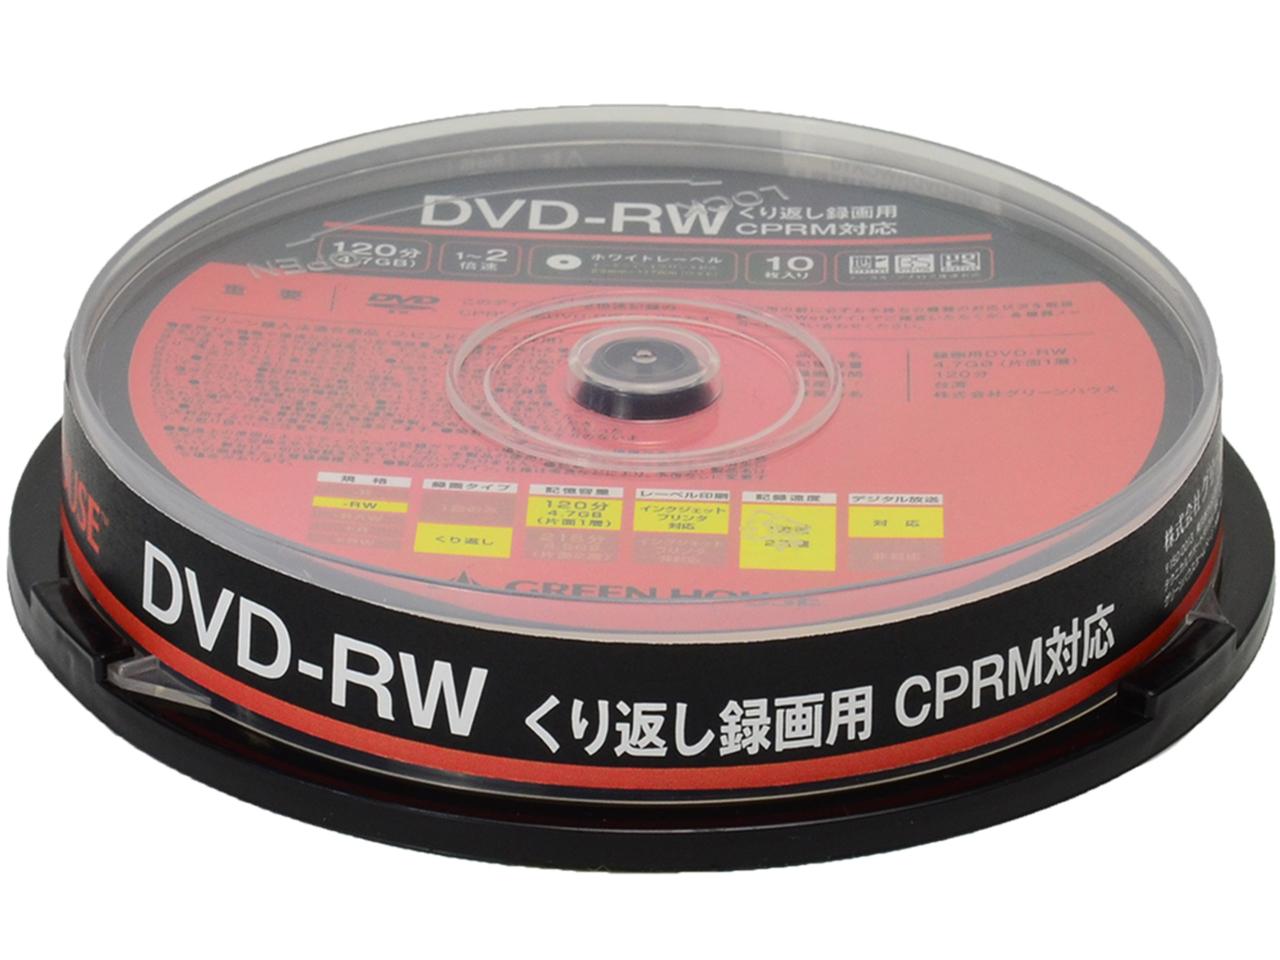 GH-DVDRWCA10 [DVD-RW 2倍速 10枚組]